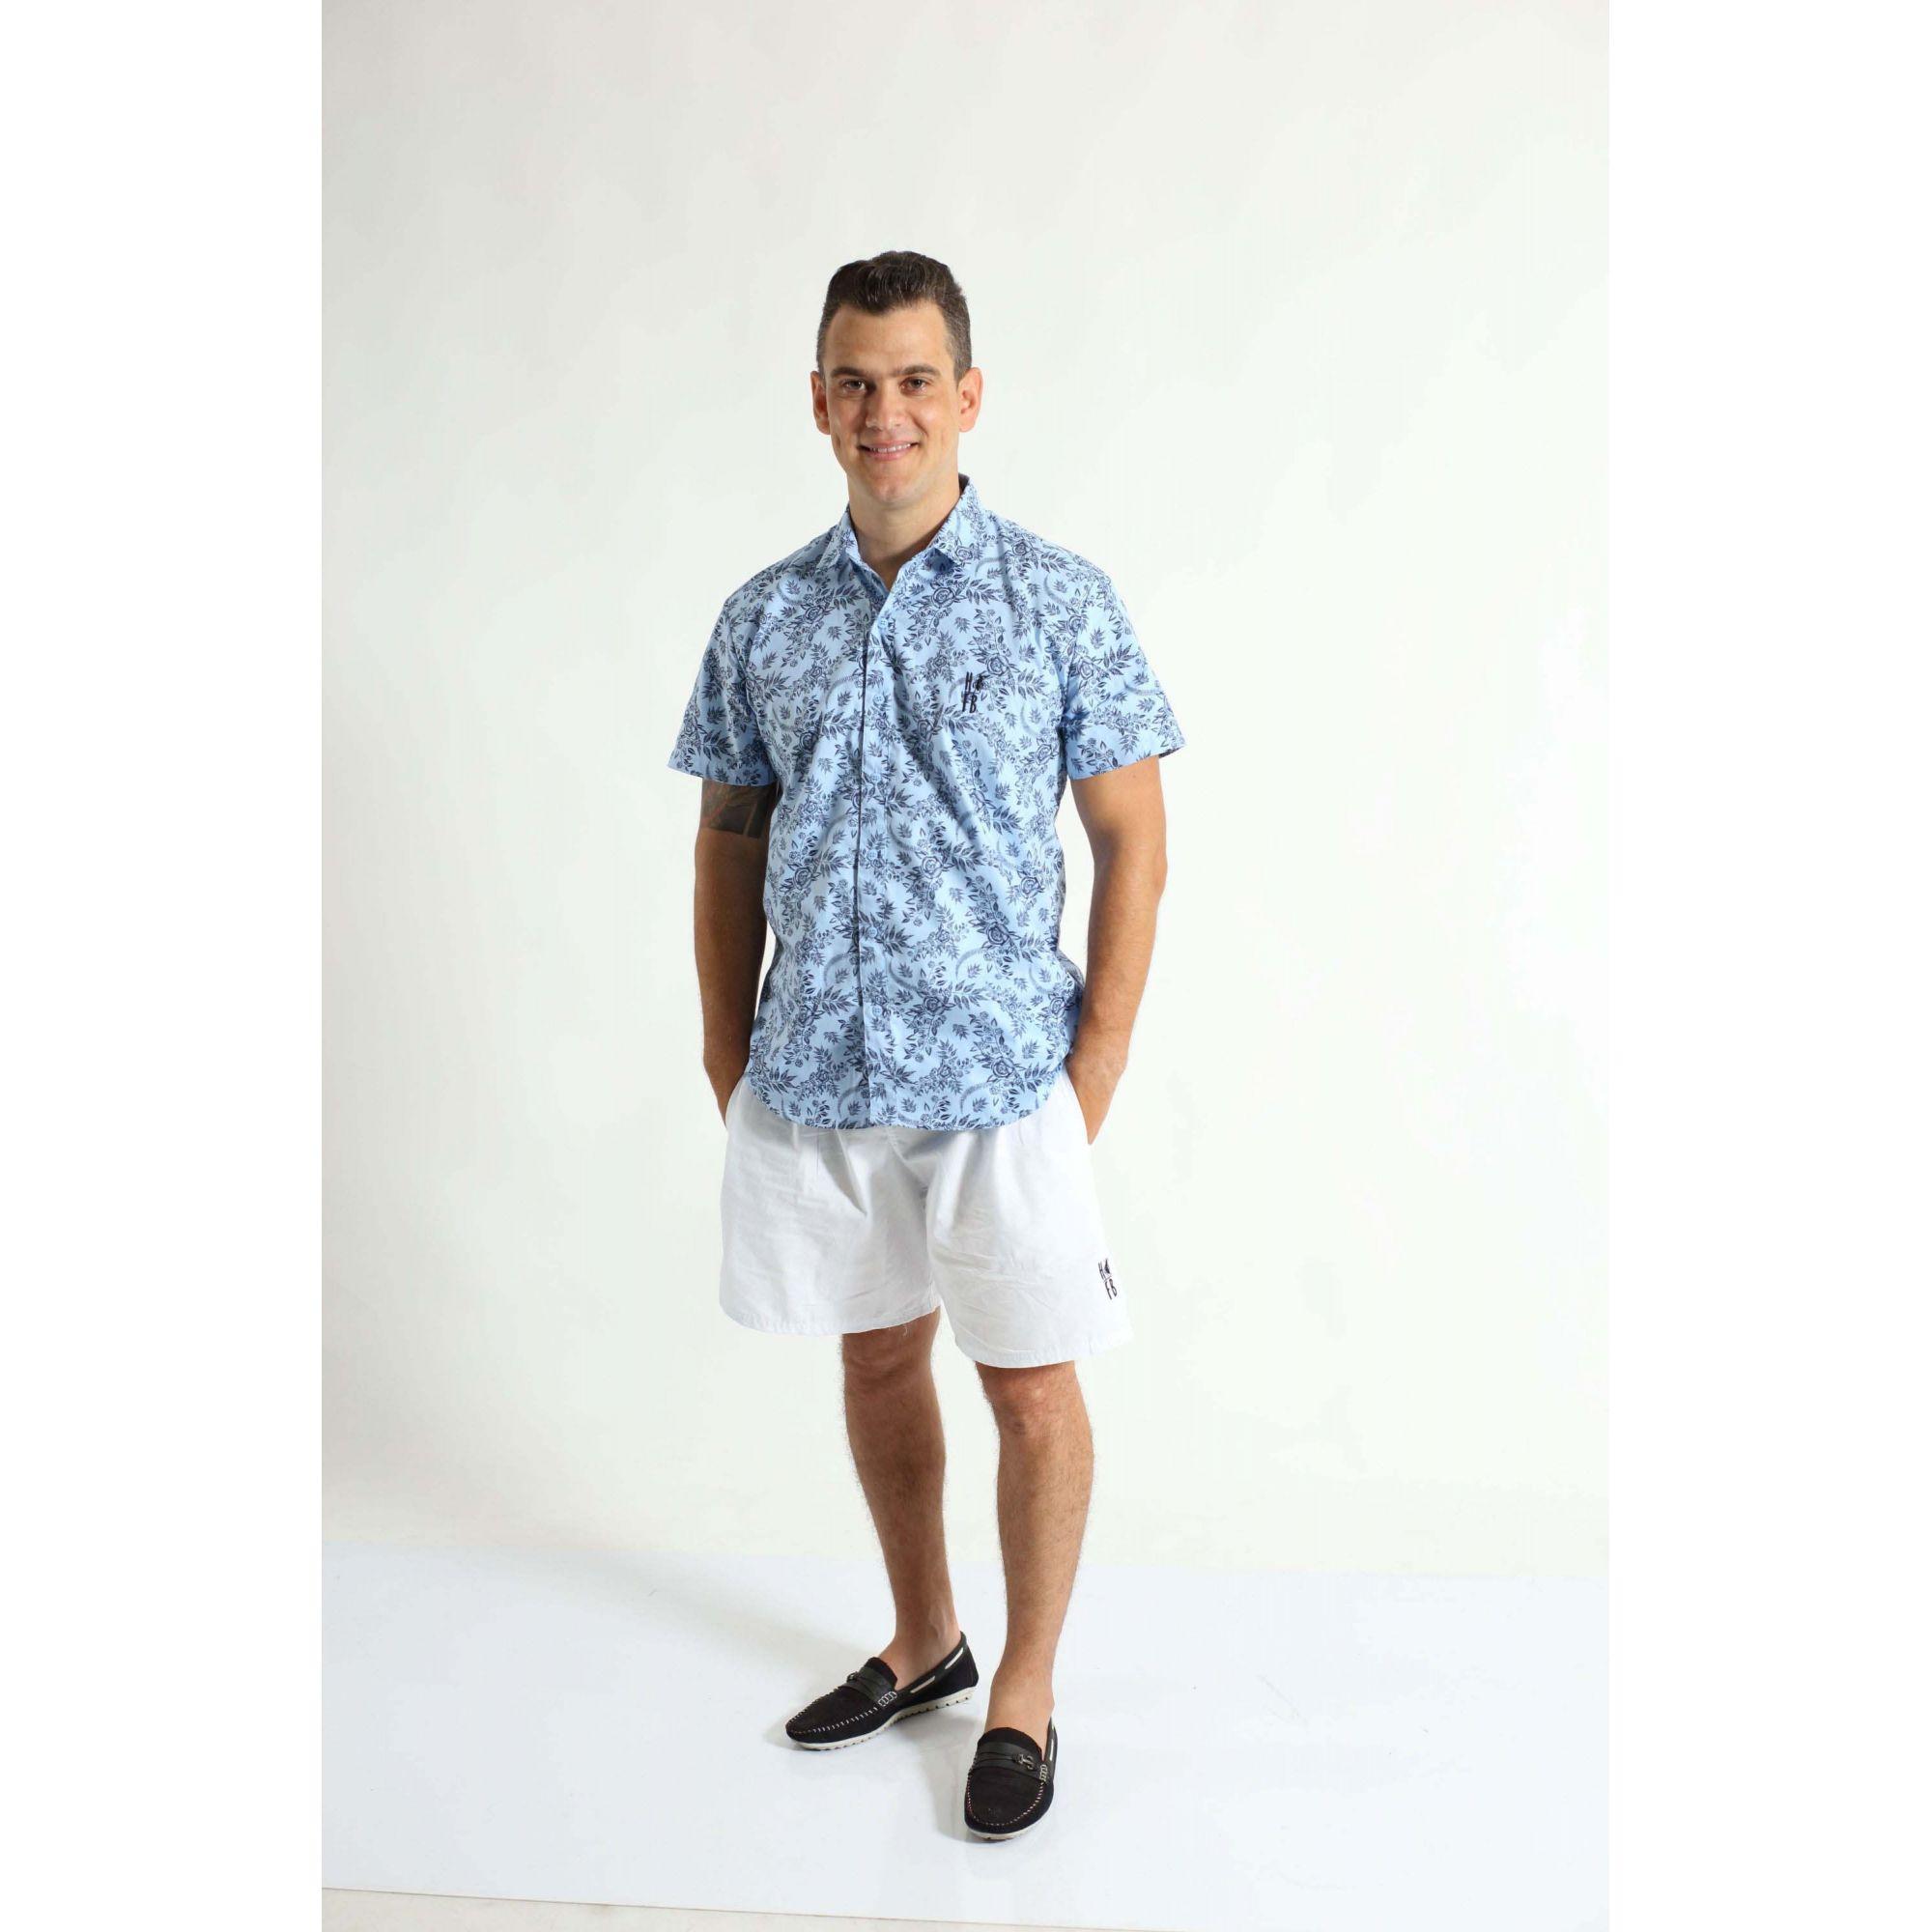 Camisa Social Manga Curta Azul Floral Adulta